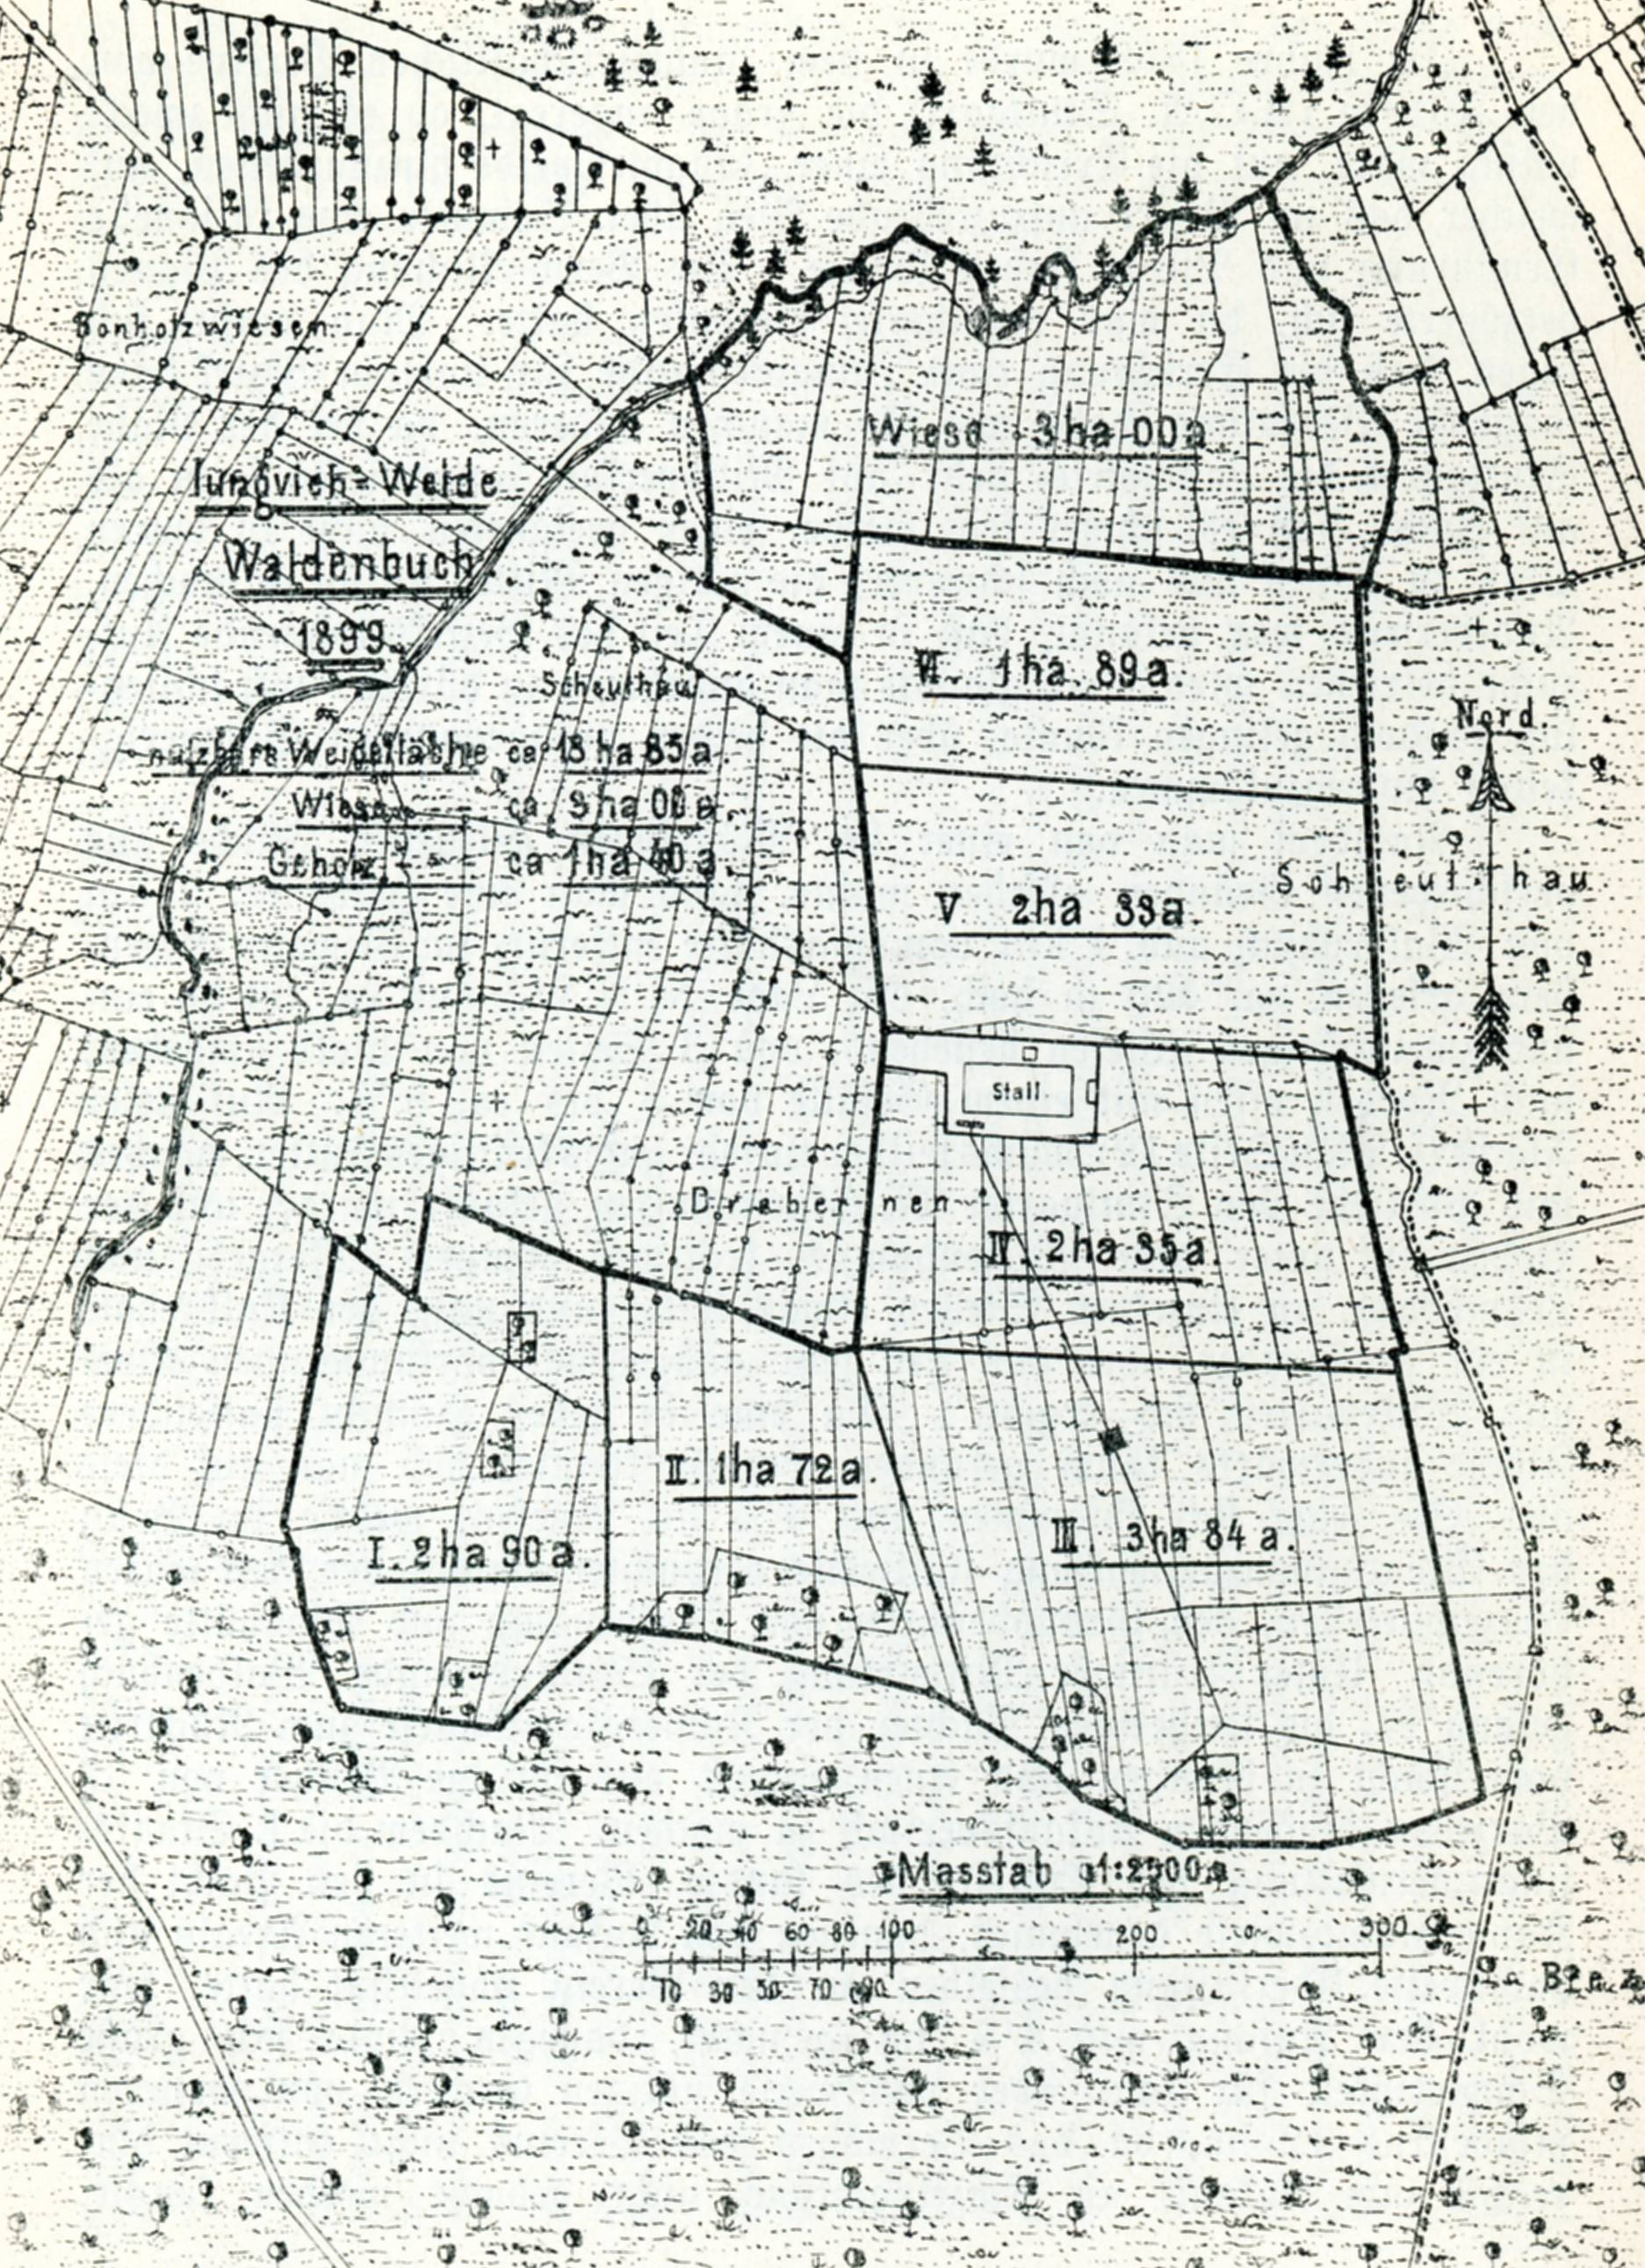 1889. Plan der Jungviehweide Waldenbuch